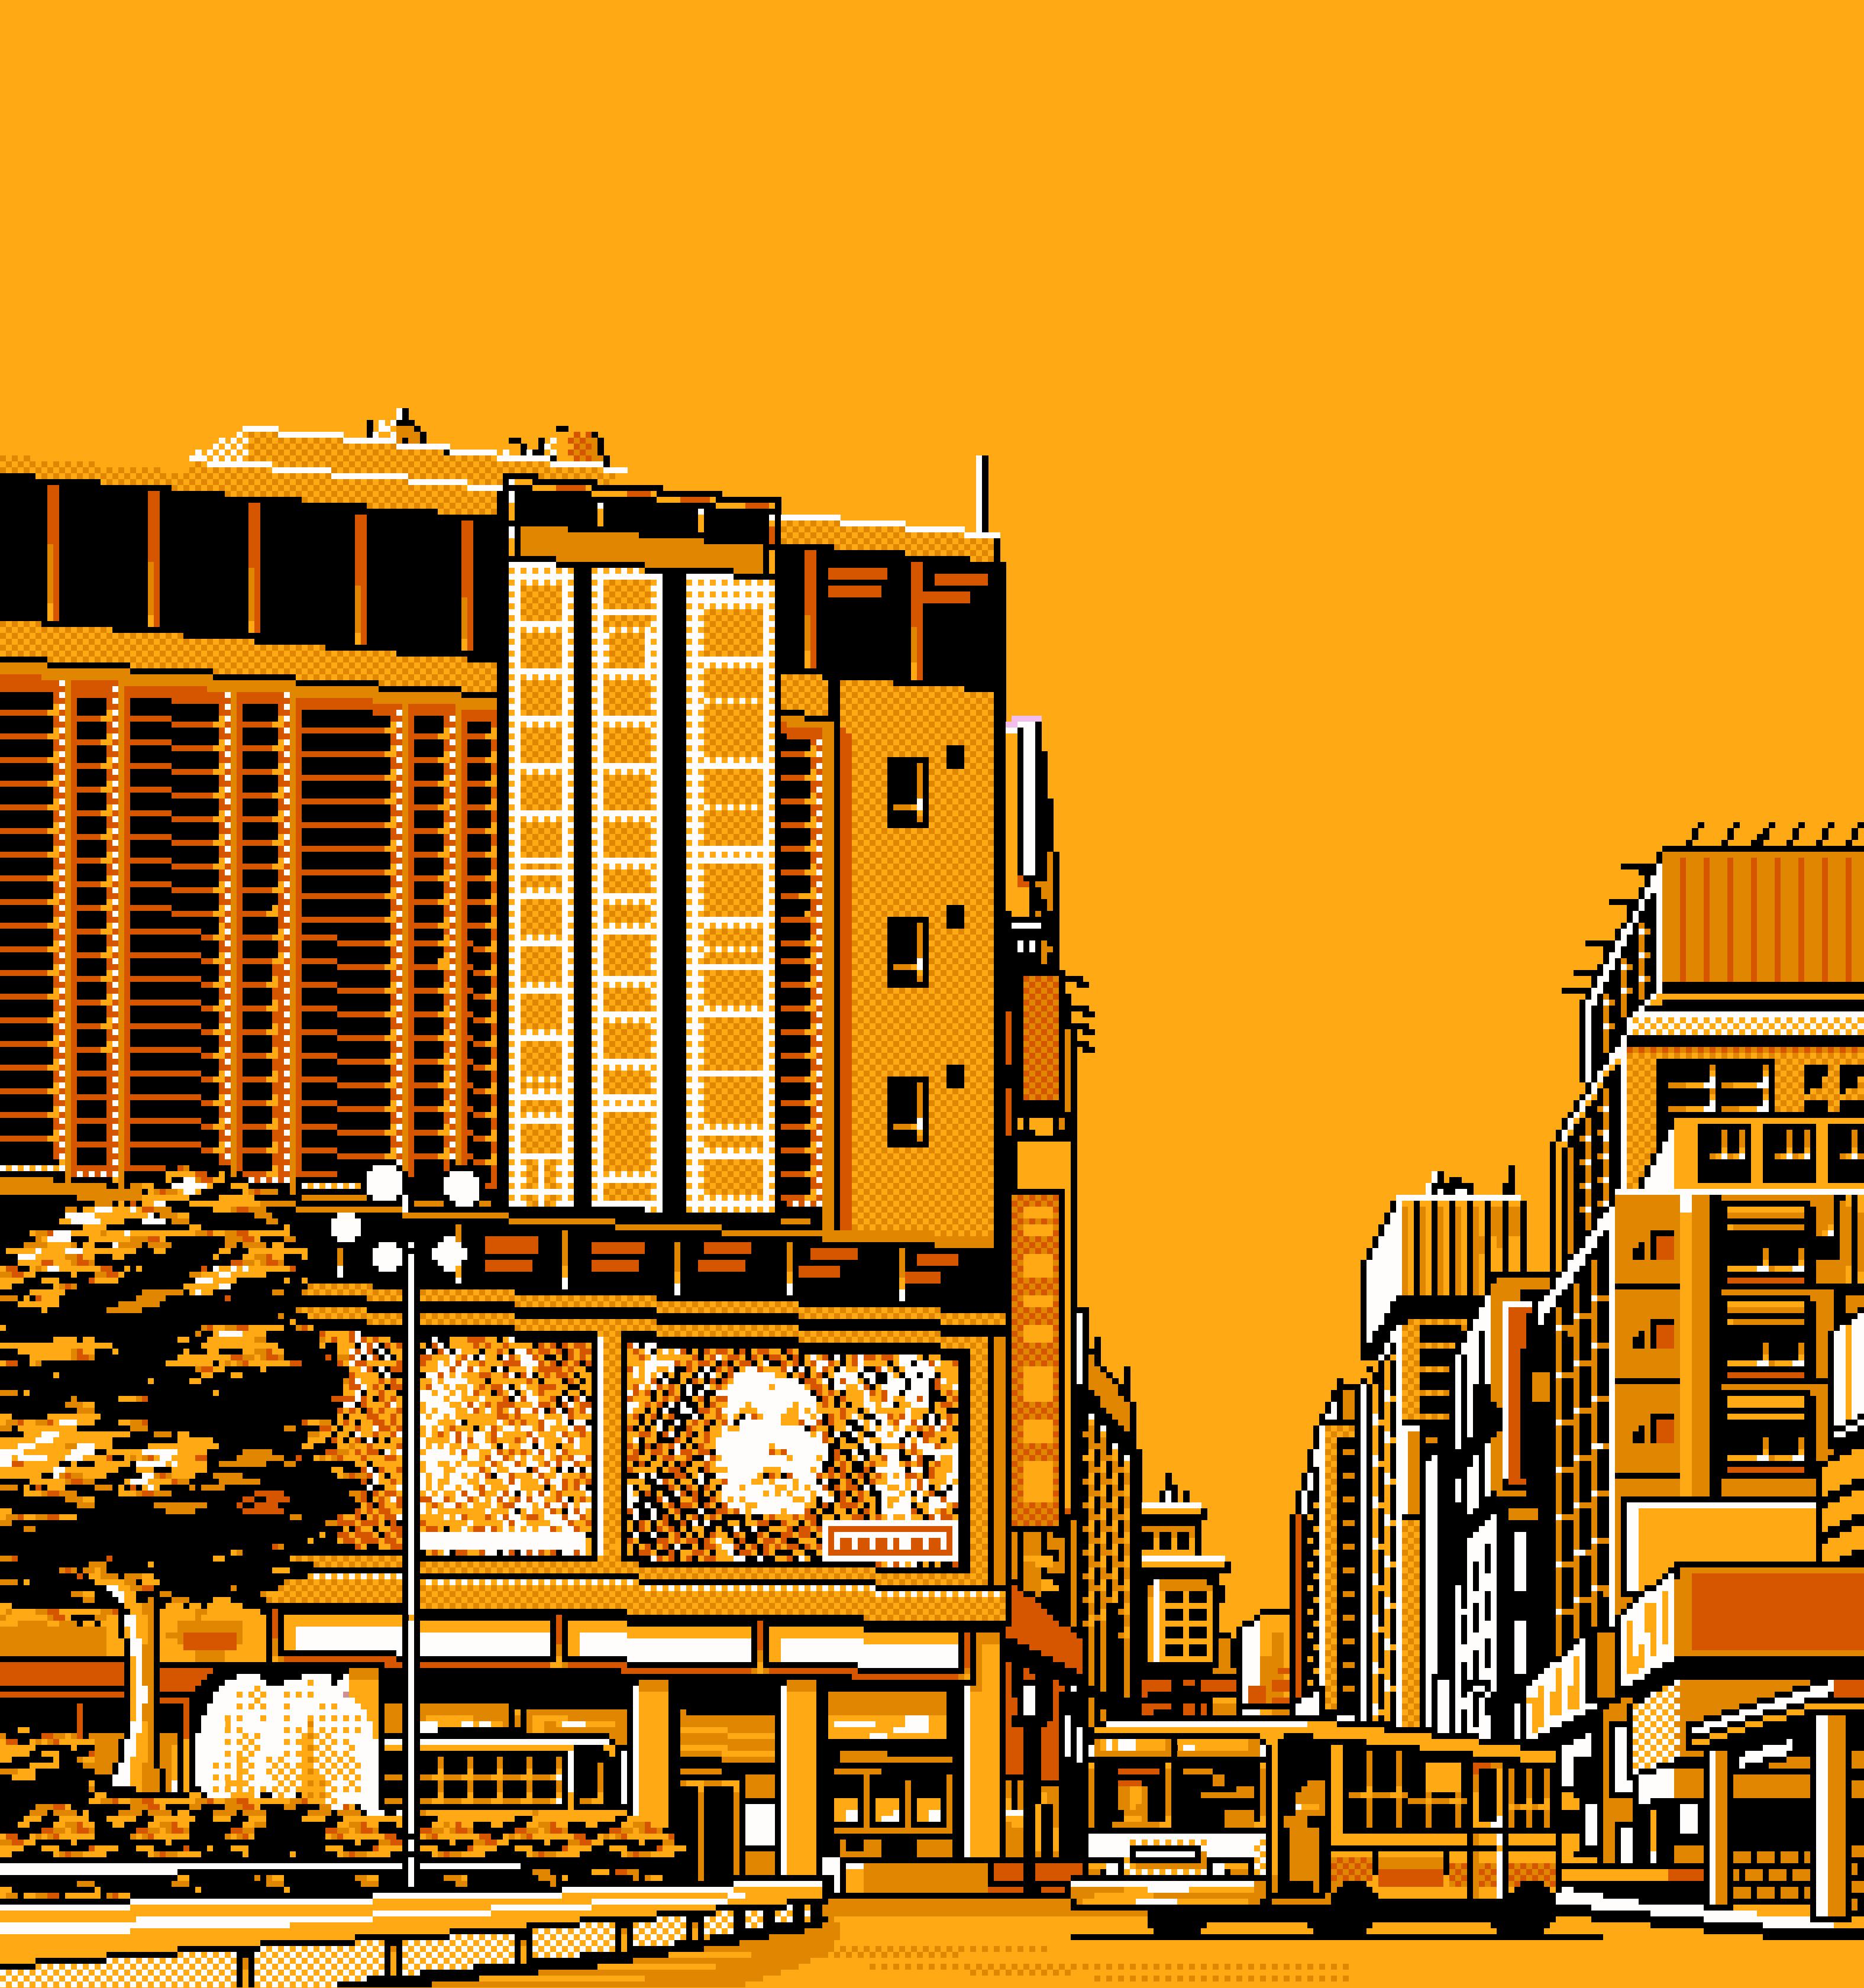 City Orange Grid Paint